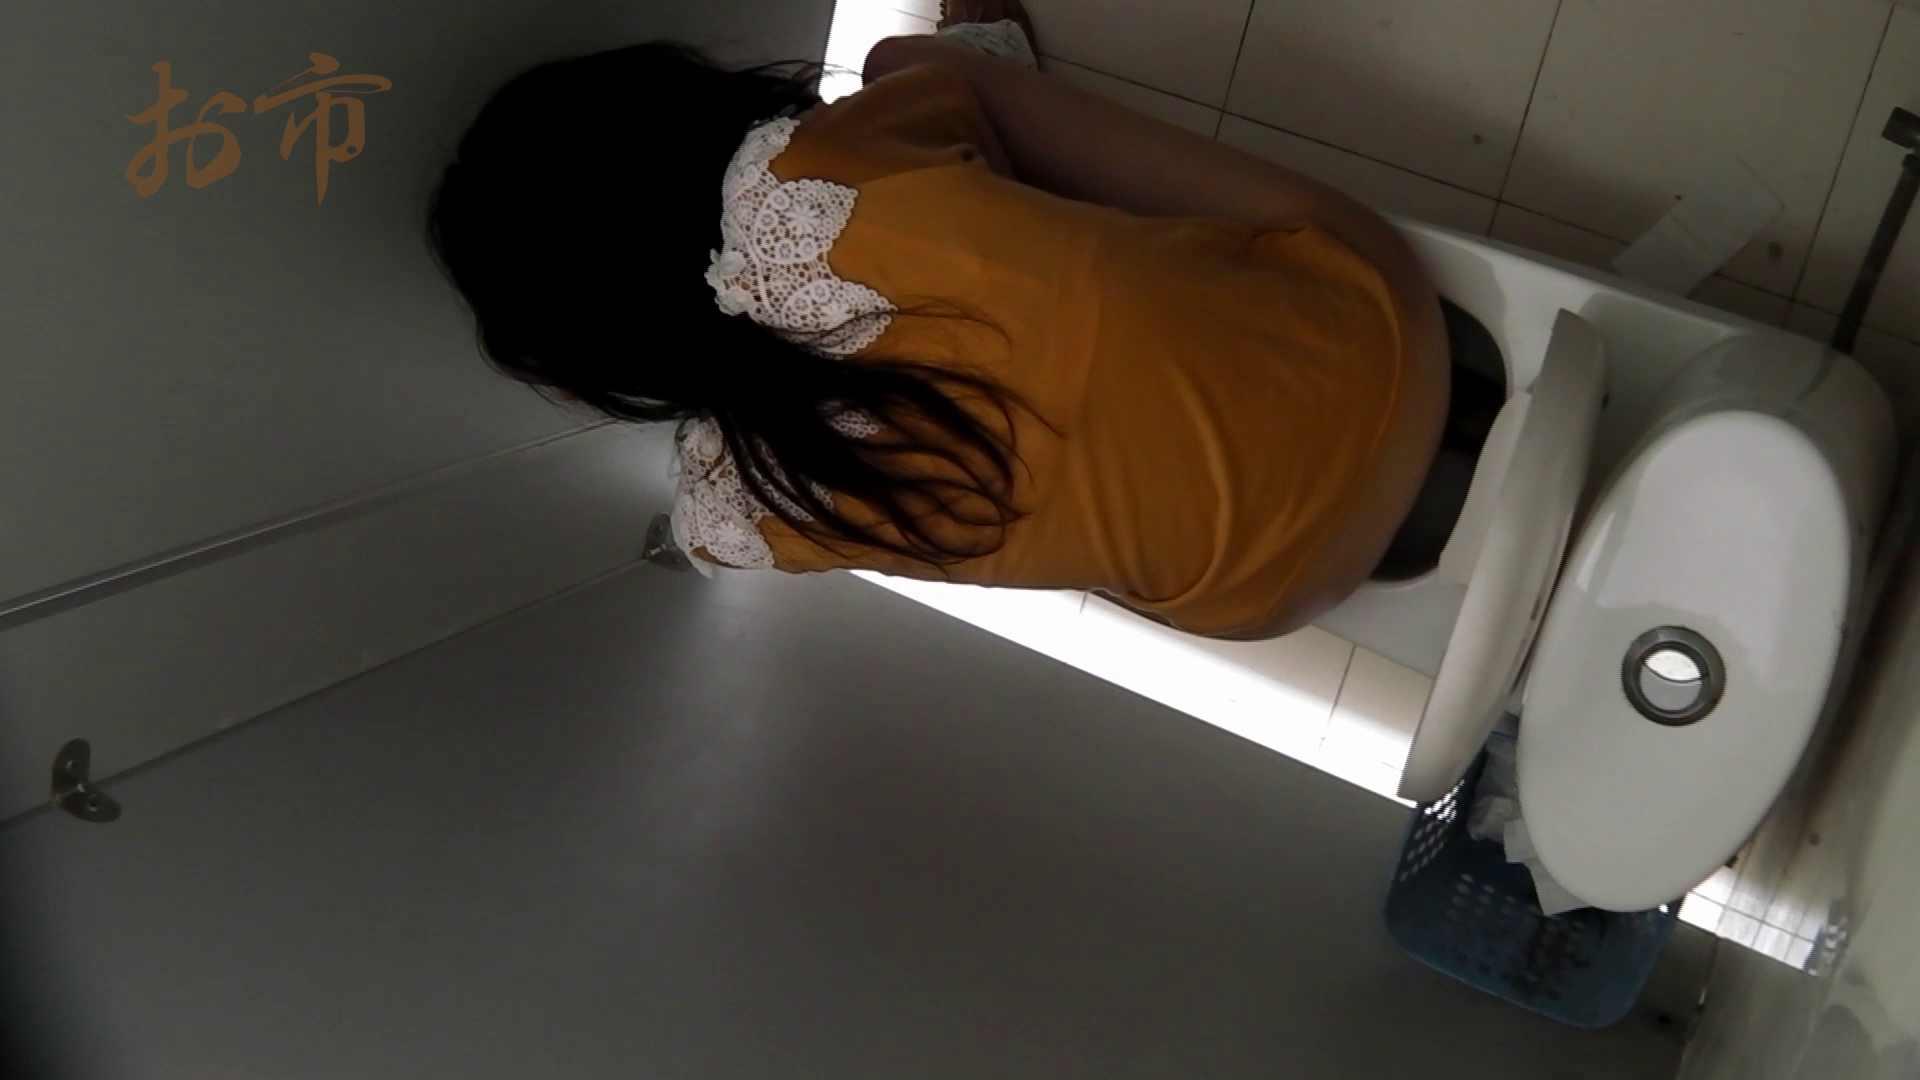 潜入!!台湾名門女学院 Vol.12 長身モデル驚き見たことないシチュエーション 盗撮  105PIX 51